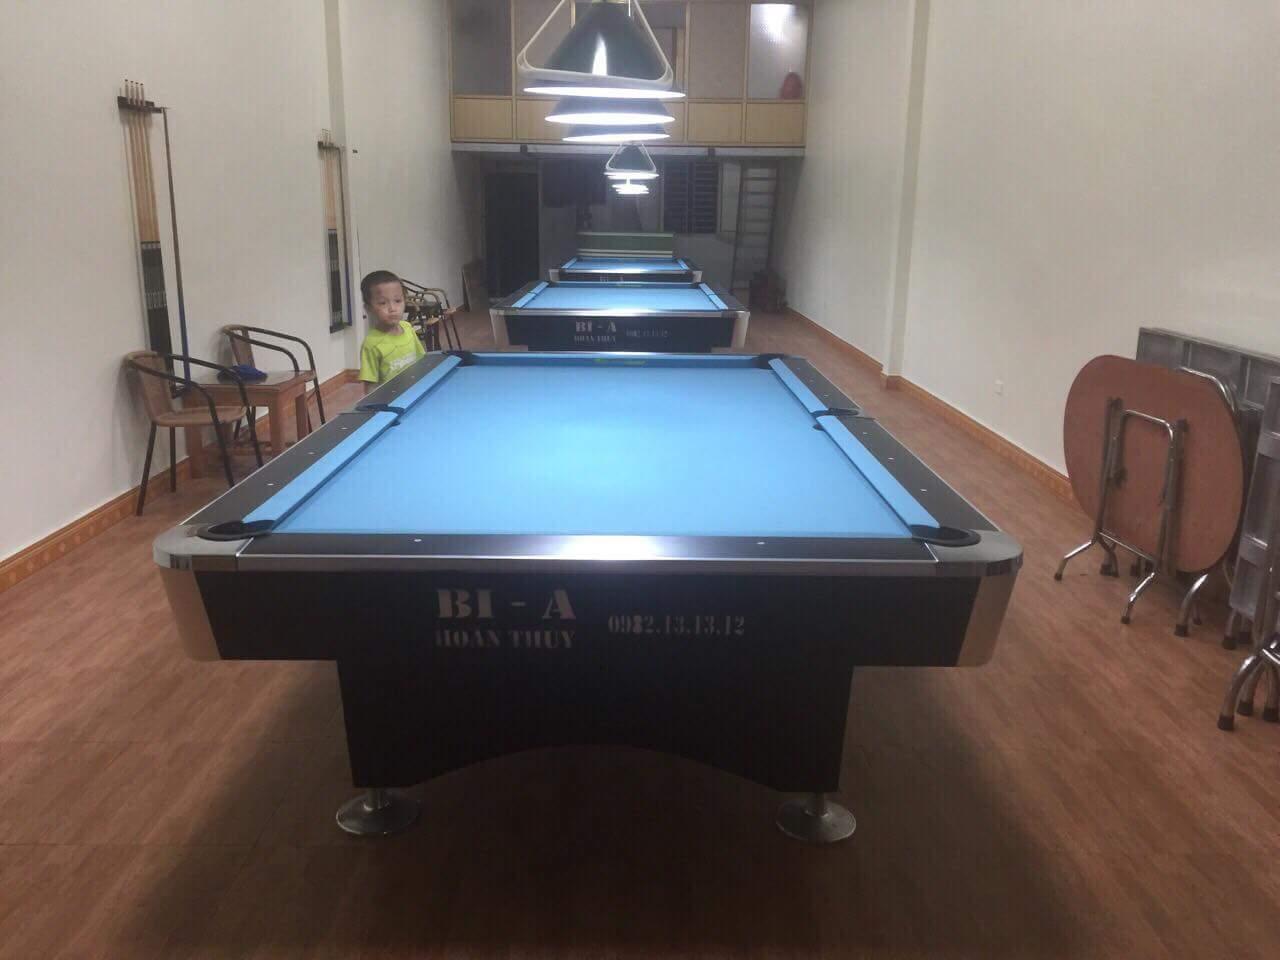 Billiards Hoàn Thúy lắp 3 bàn 9018 liên doanh Taiwan tại Quảng Ninh